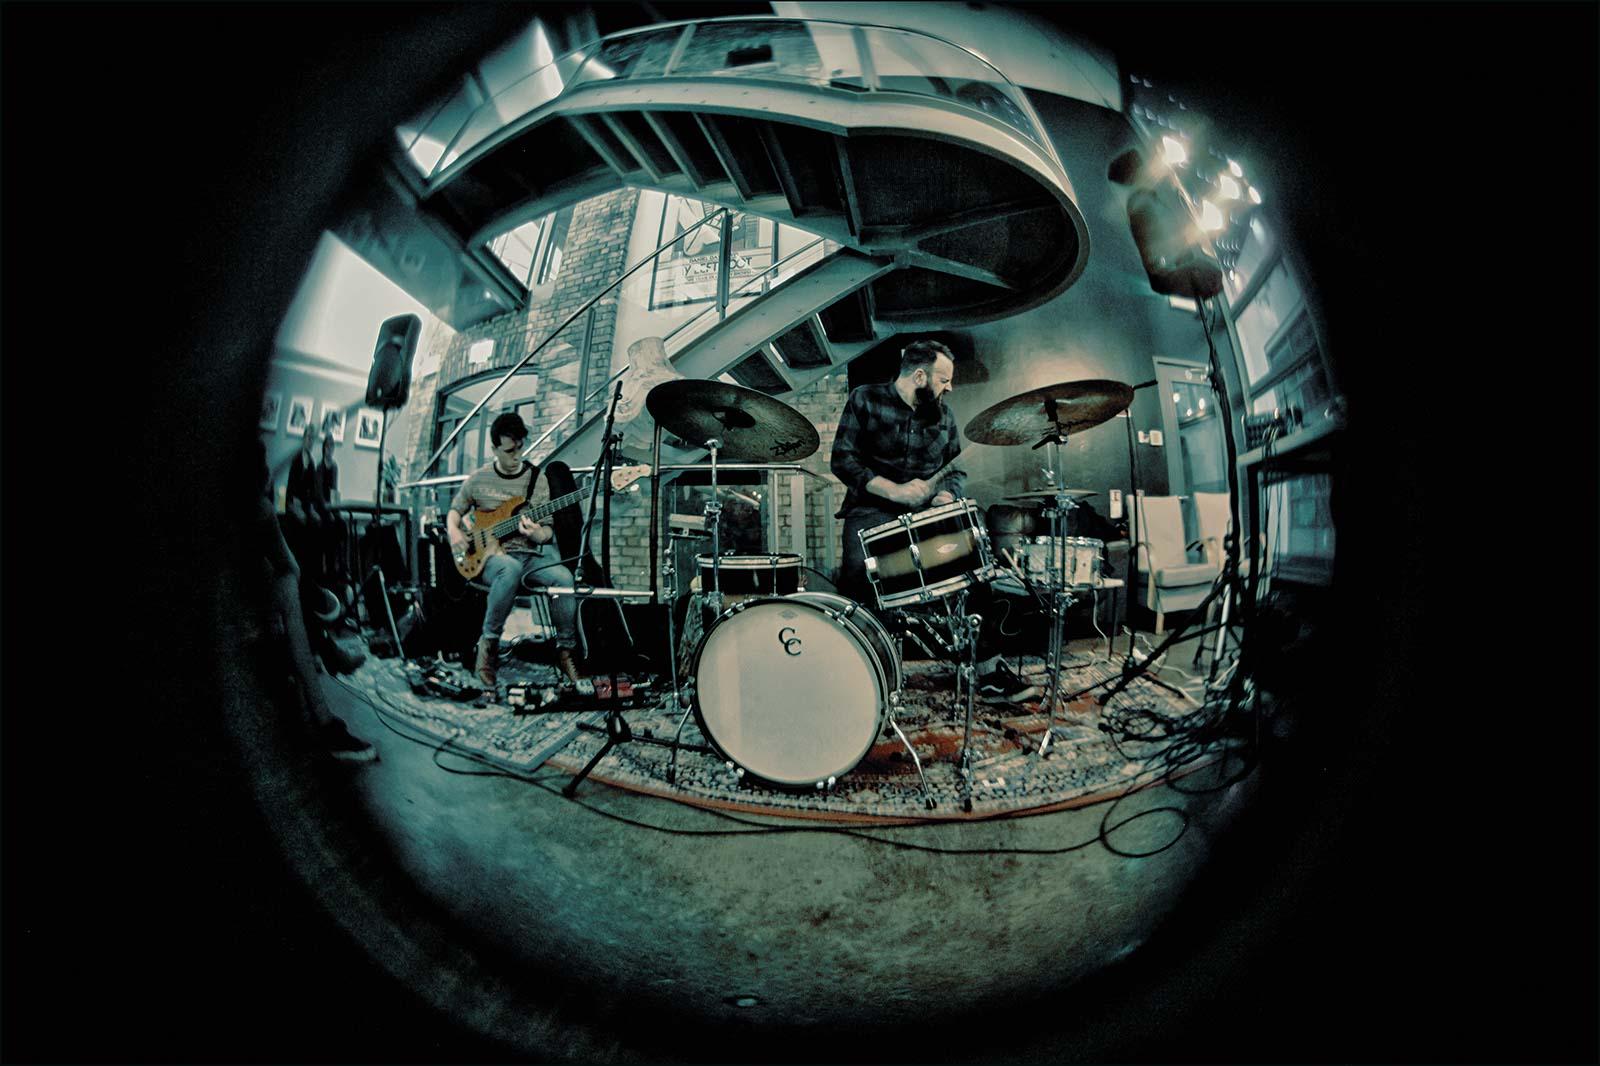 graham_hopkins_drum_hang002.jpg